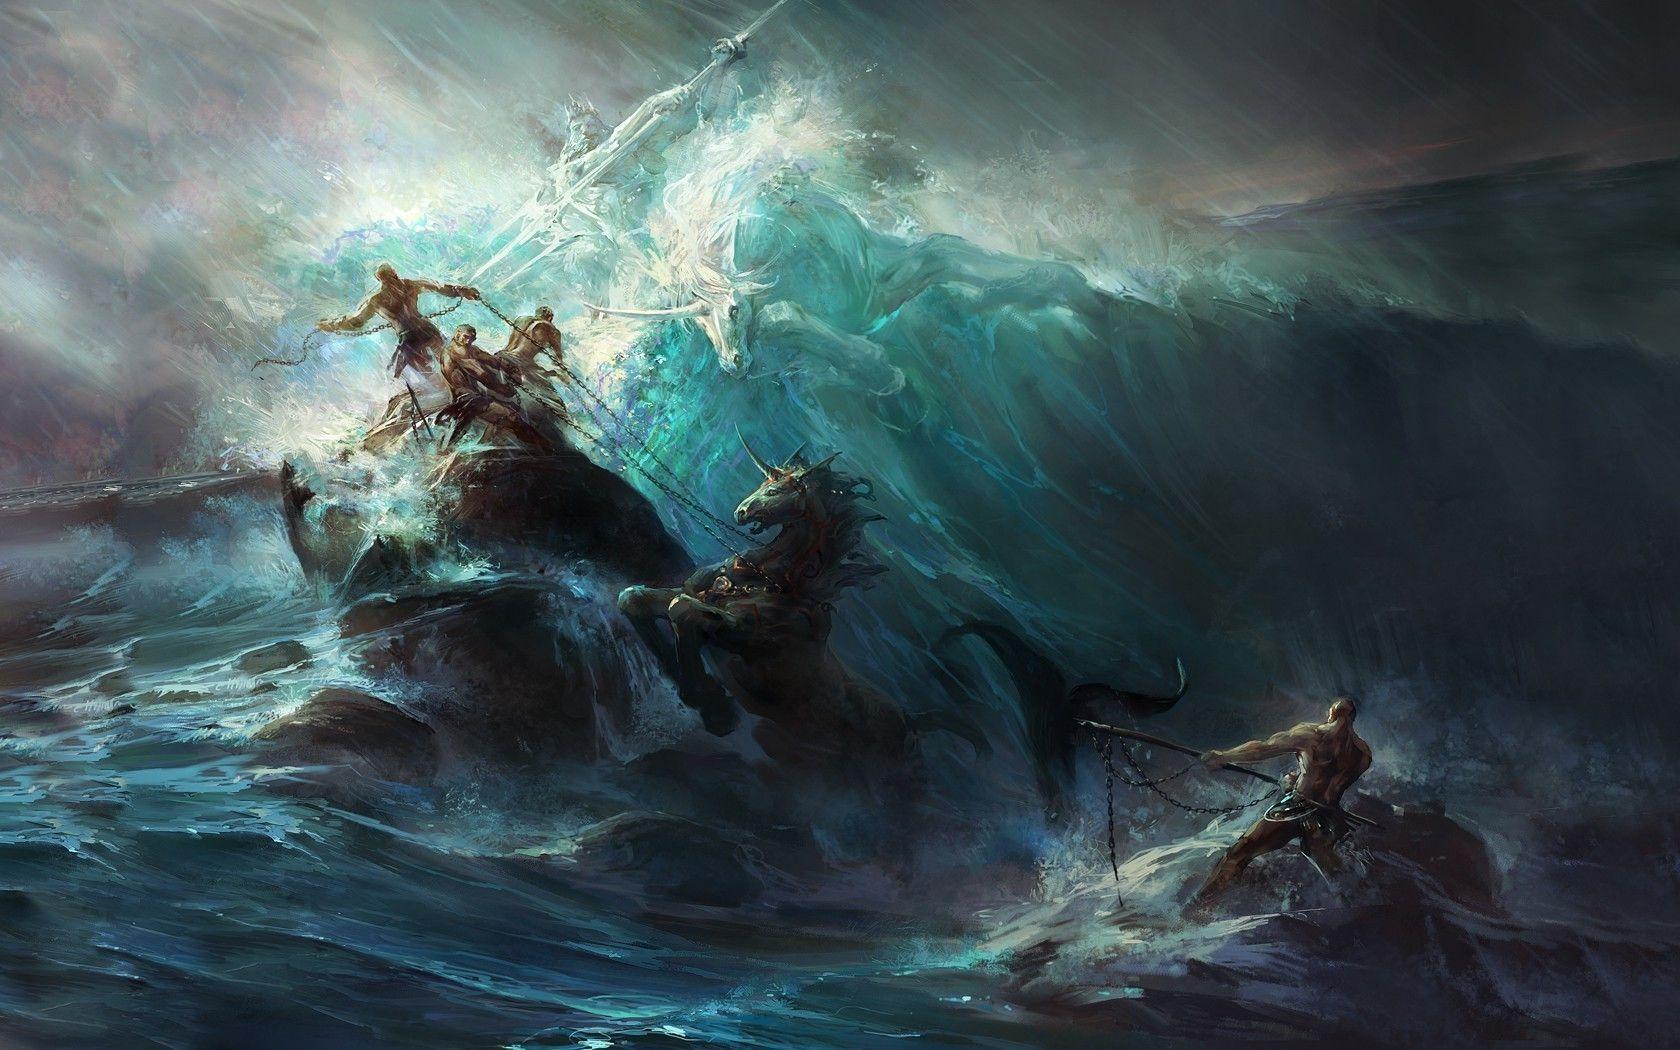 Poseidonhd